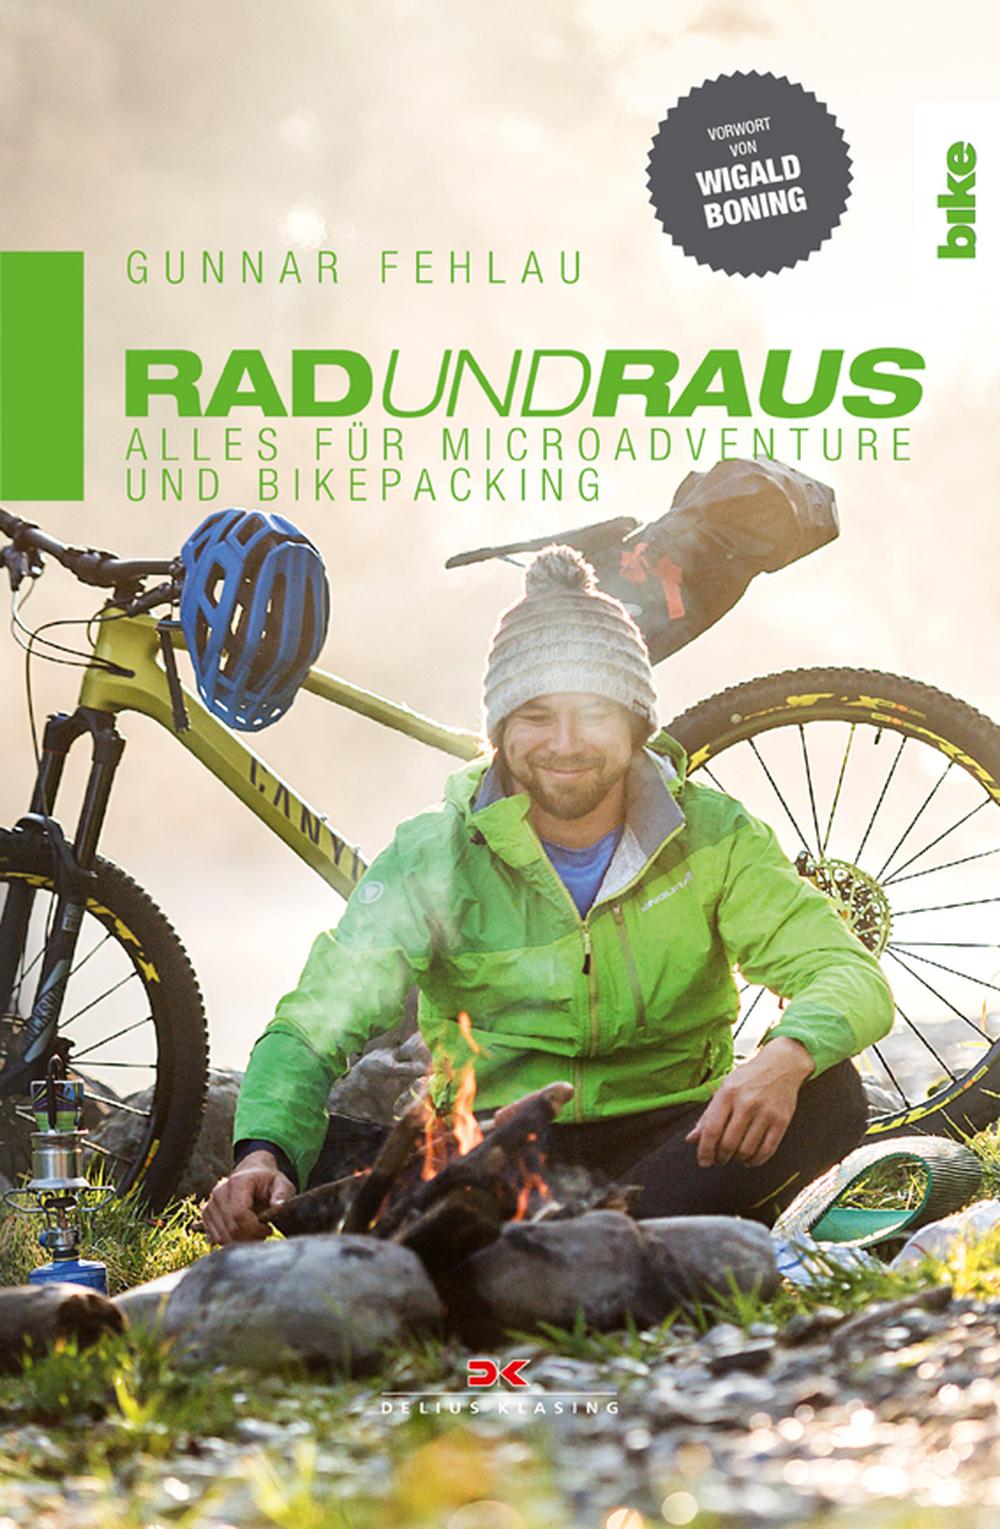 «Rad und Raus! Alles für Microadventure und Bikepacking»